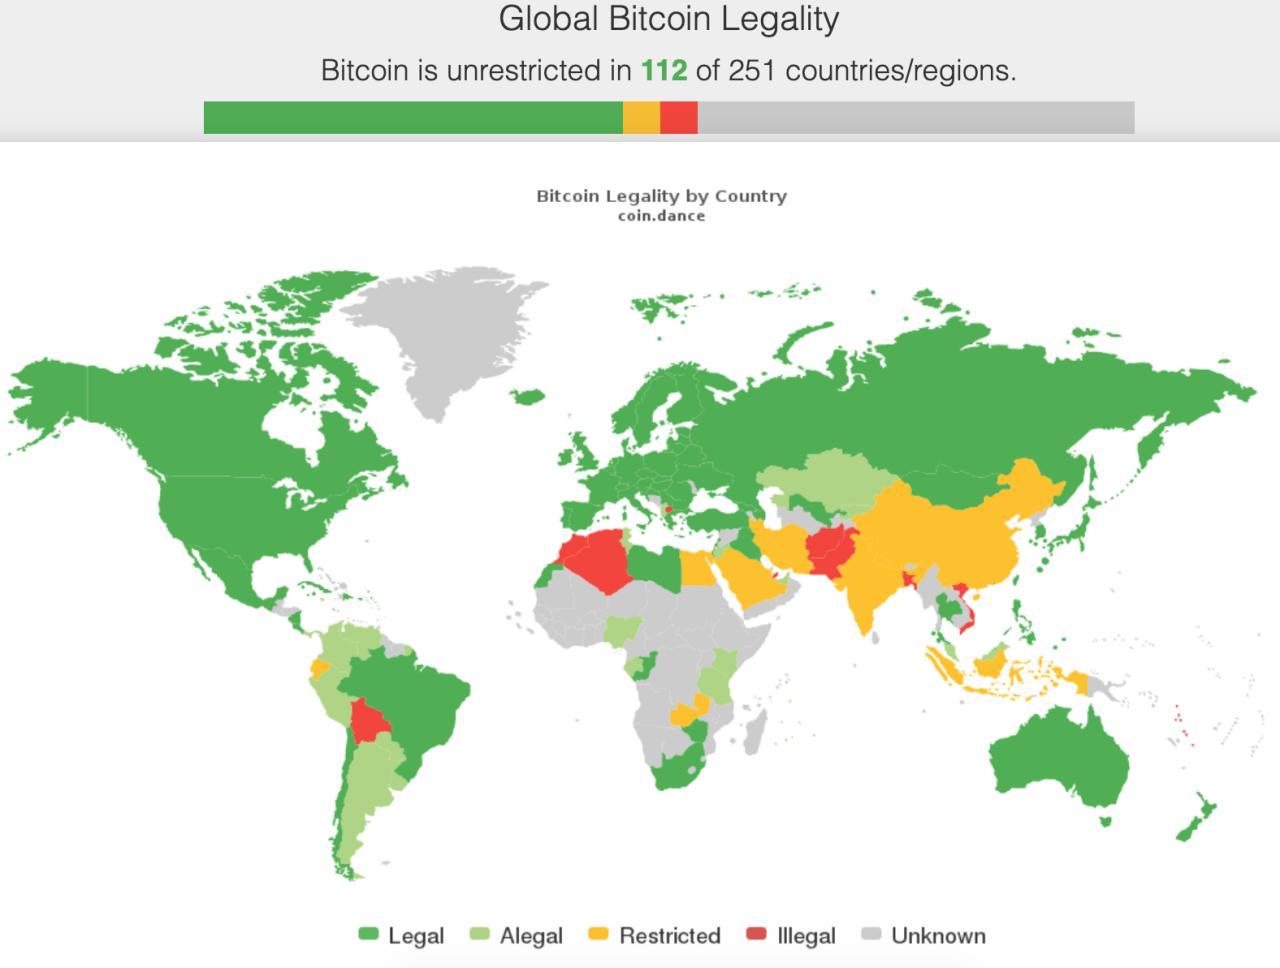 tinh-hop-phap-cua-bitcoin-tren-the-gioi.